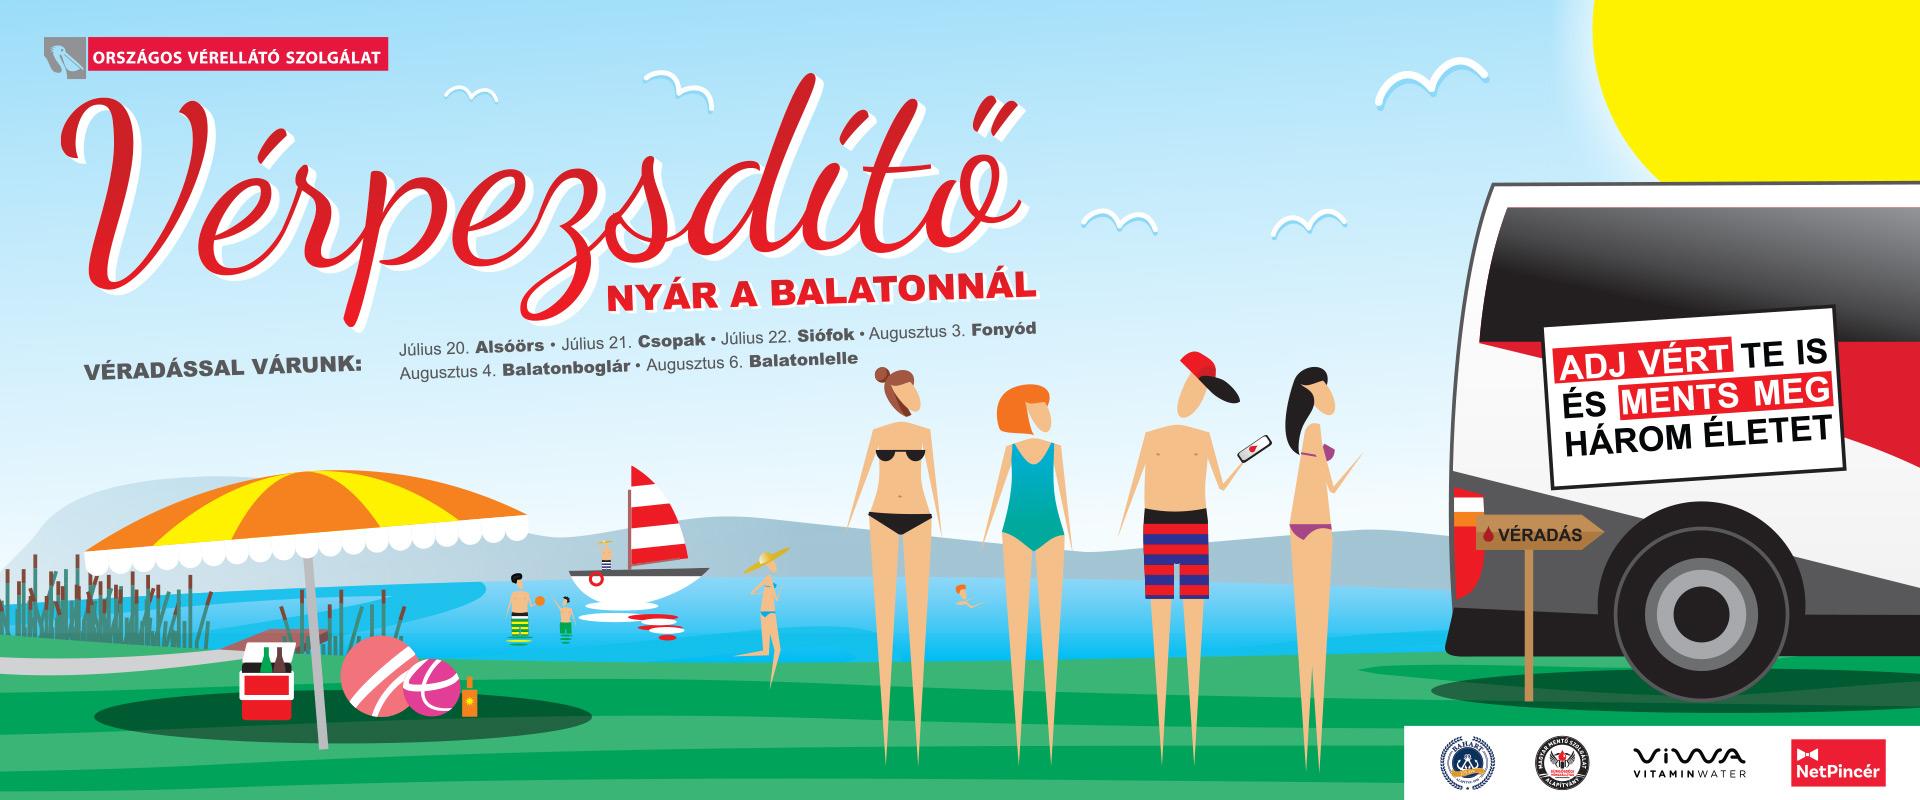 VÉRpezsdítő nyár a Balatonnál